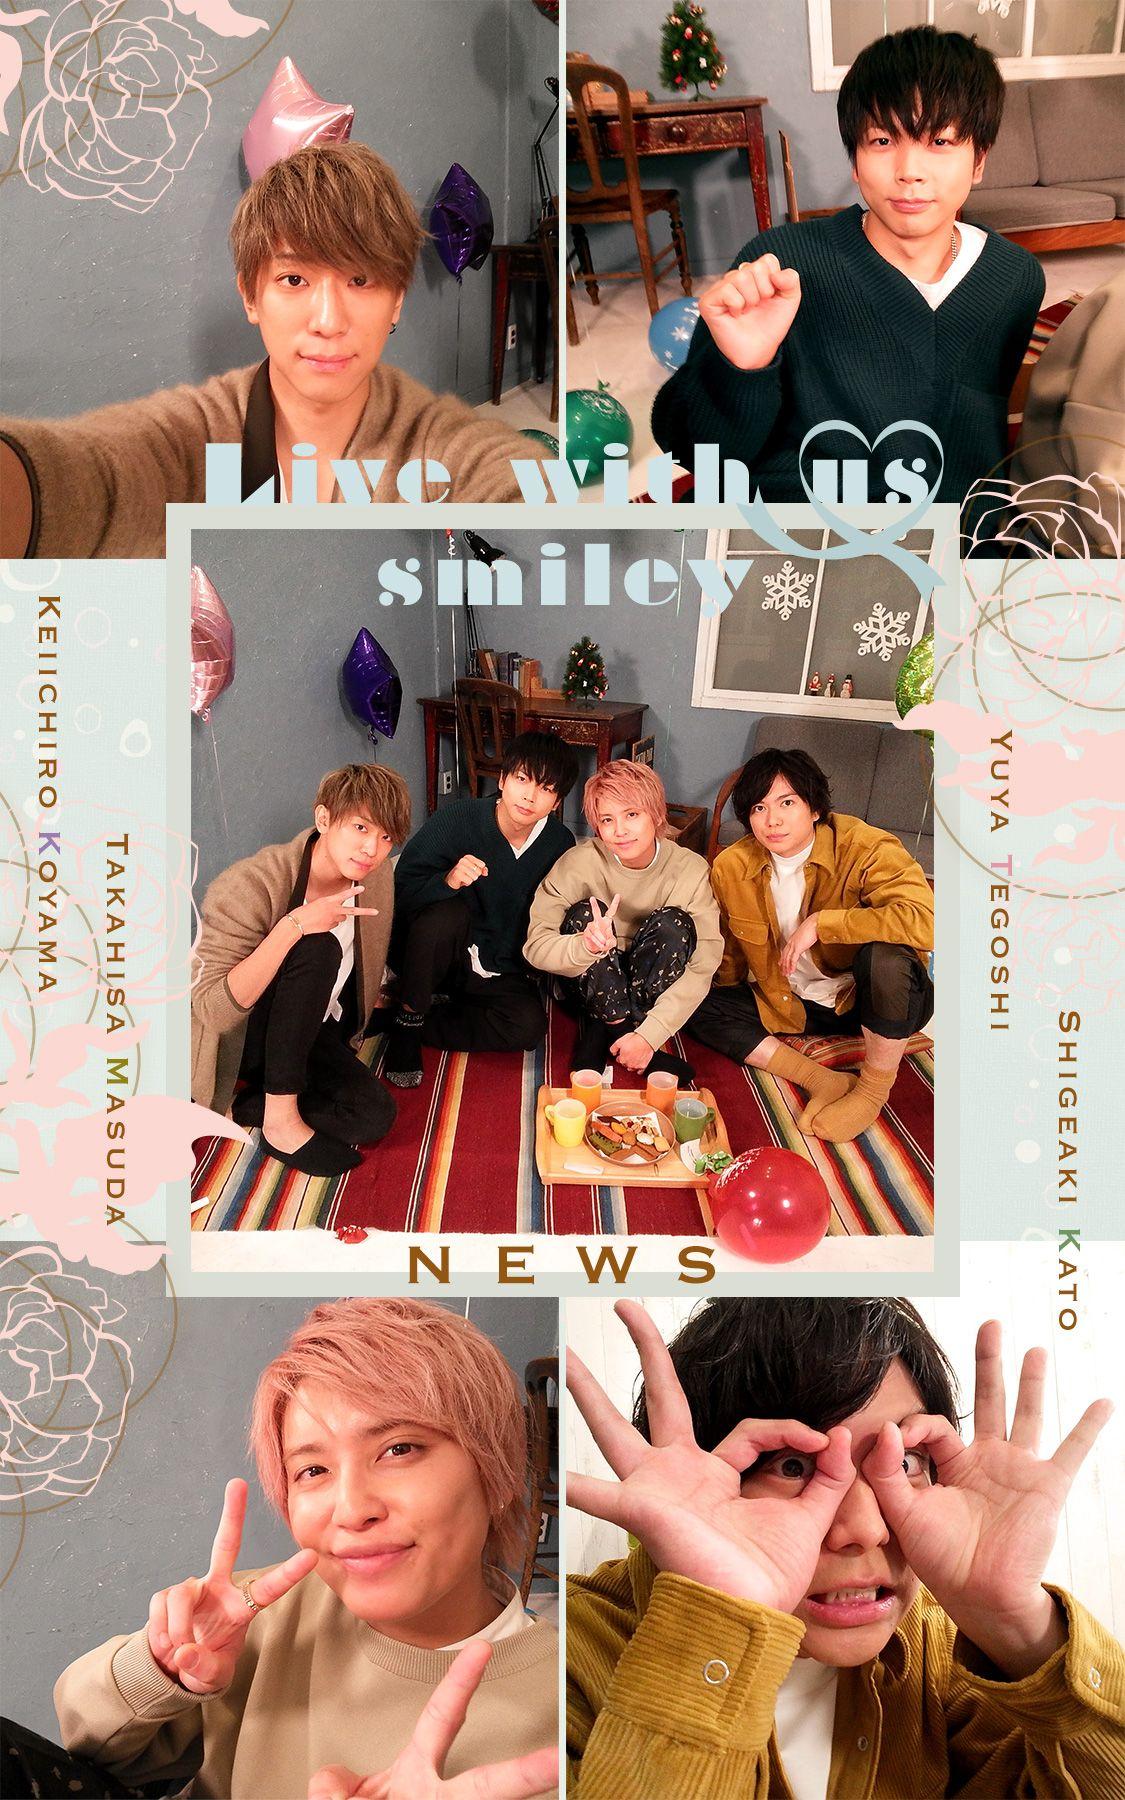 Johnny S Net ファンクラブ チャンカパーナ 加藤シゲアキ News ジャニーズ